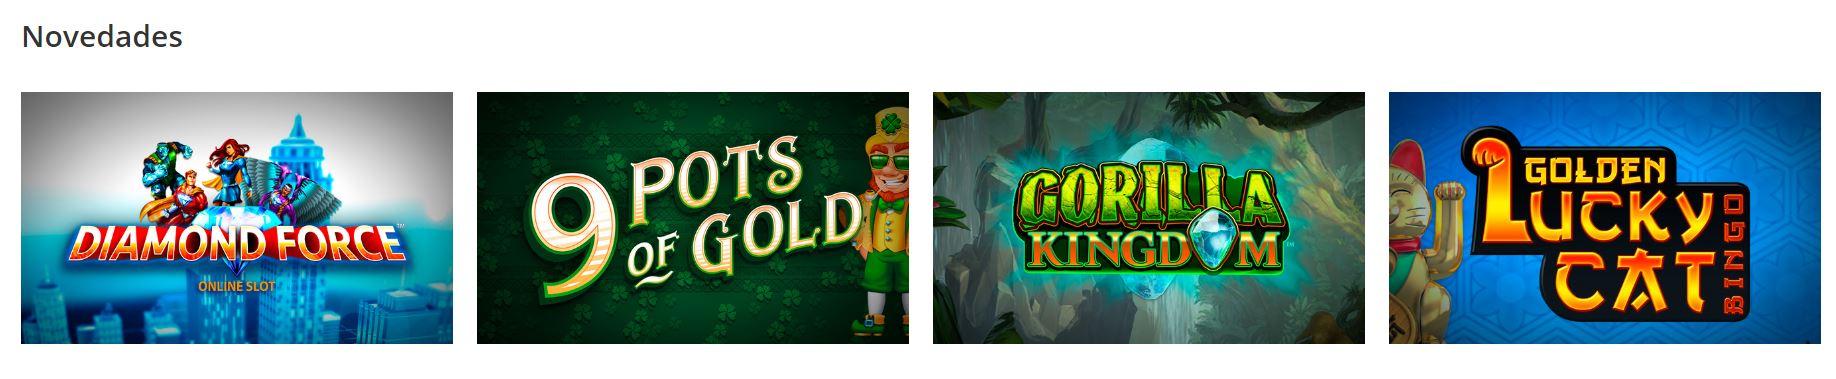 Este casino ofrece slots y otros juegos de casino a sus usuarios.